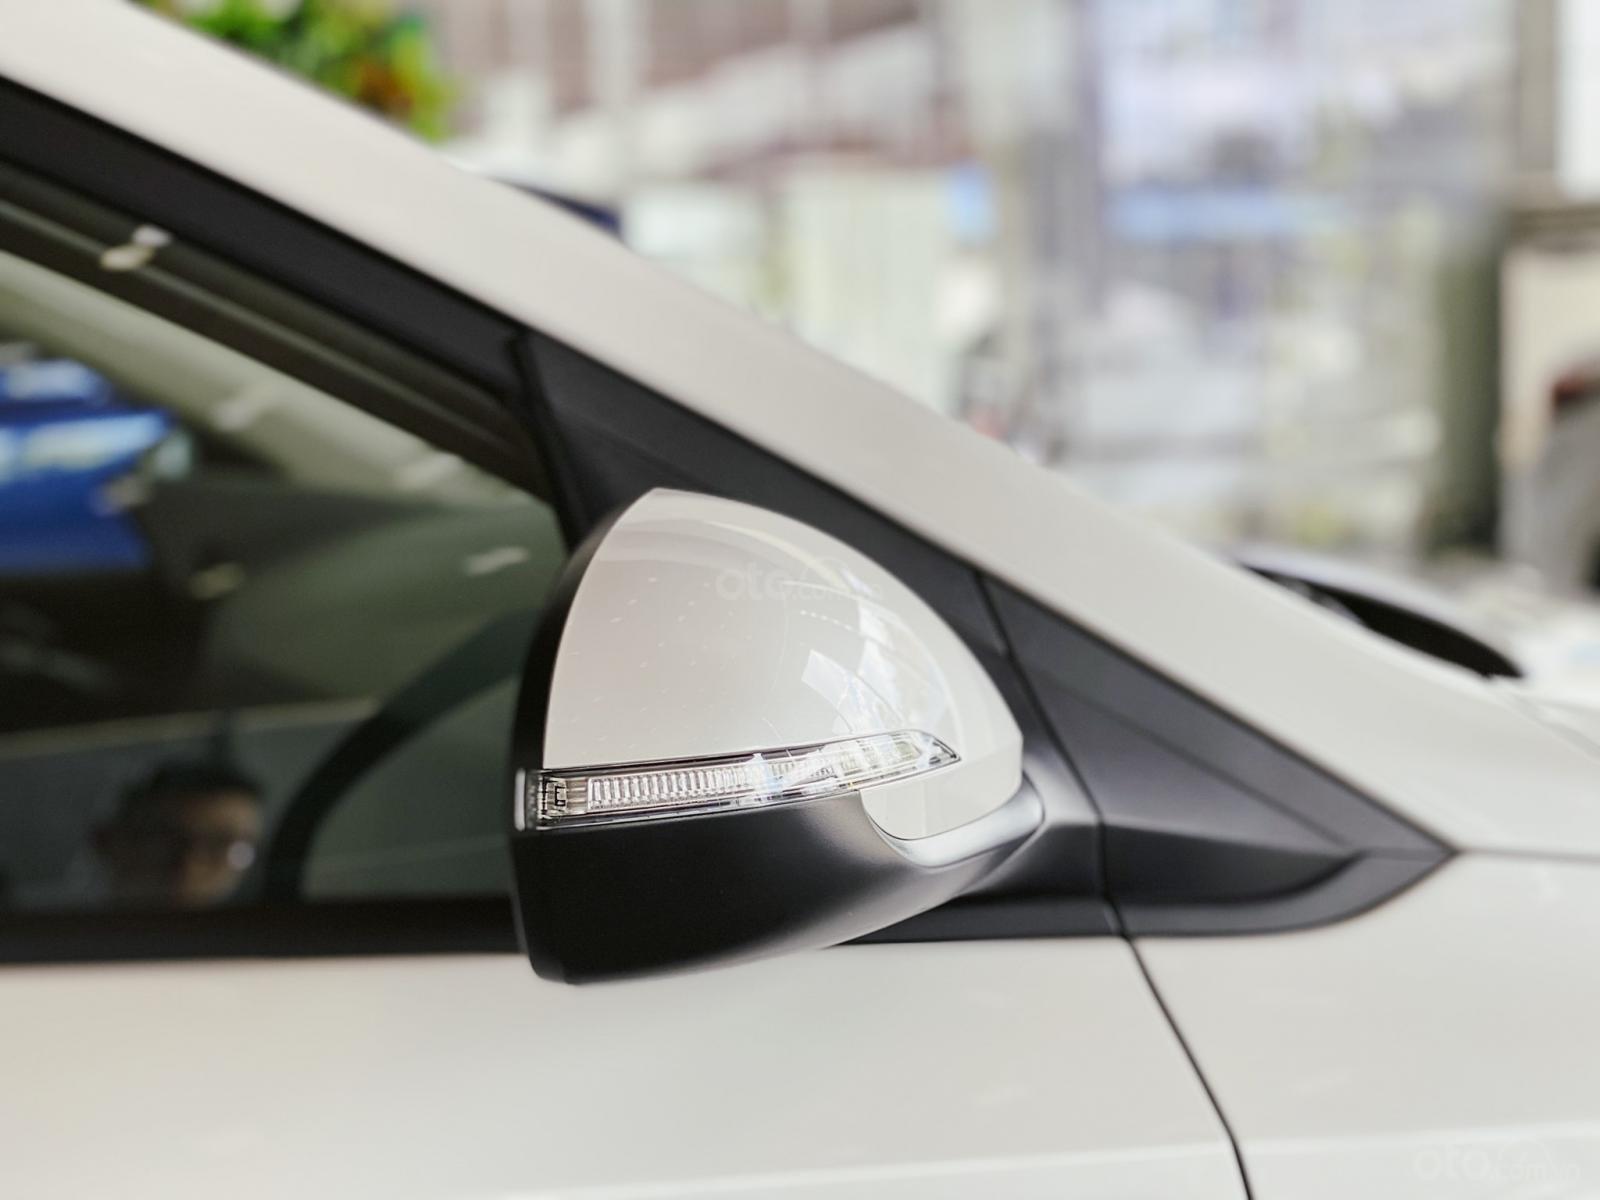 Hyundai Accent 1.4 AT đặc biệt, ưu đãi lớn (8)